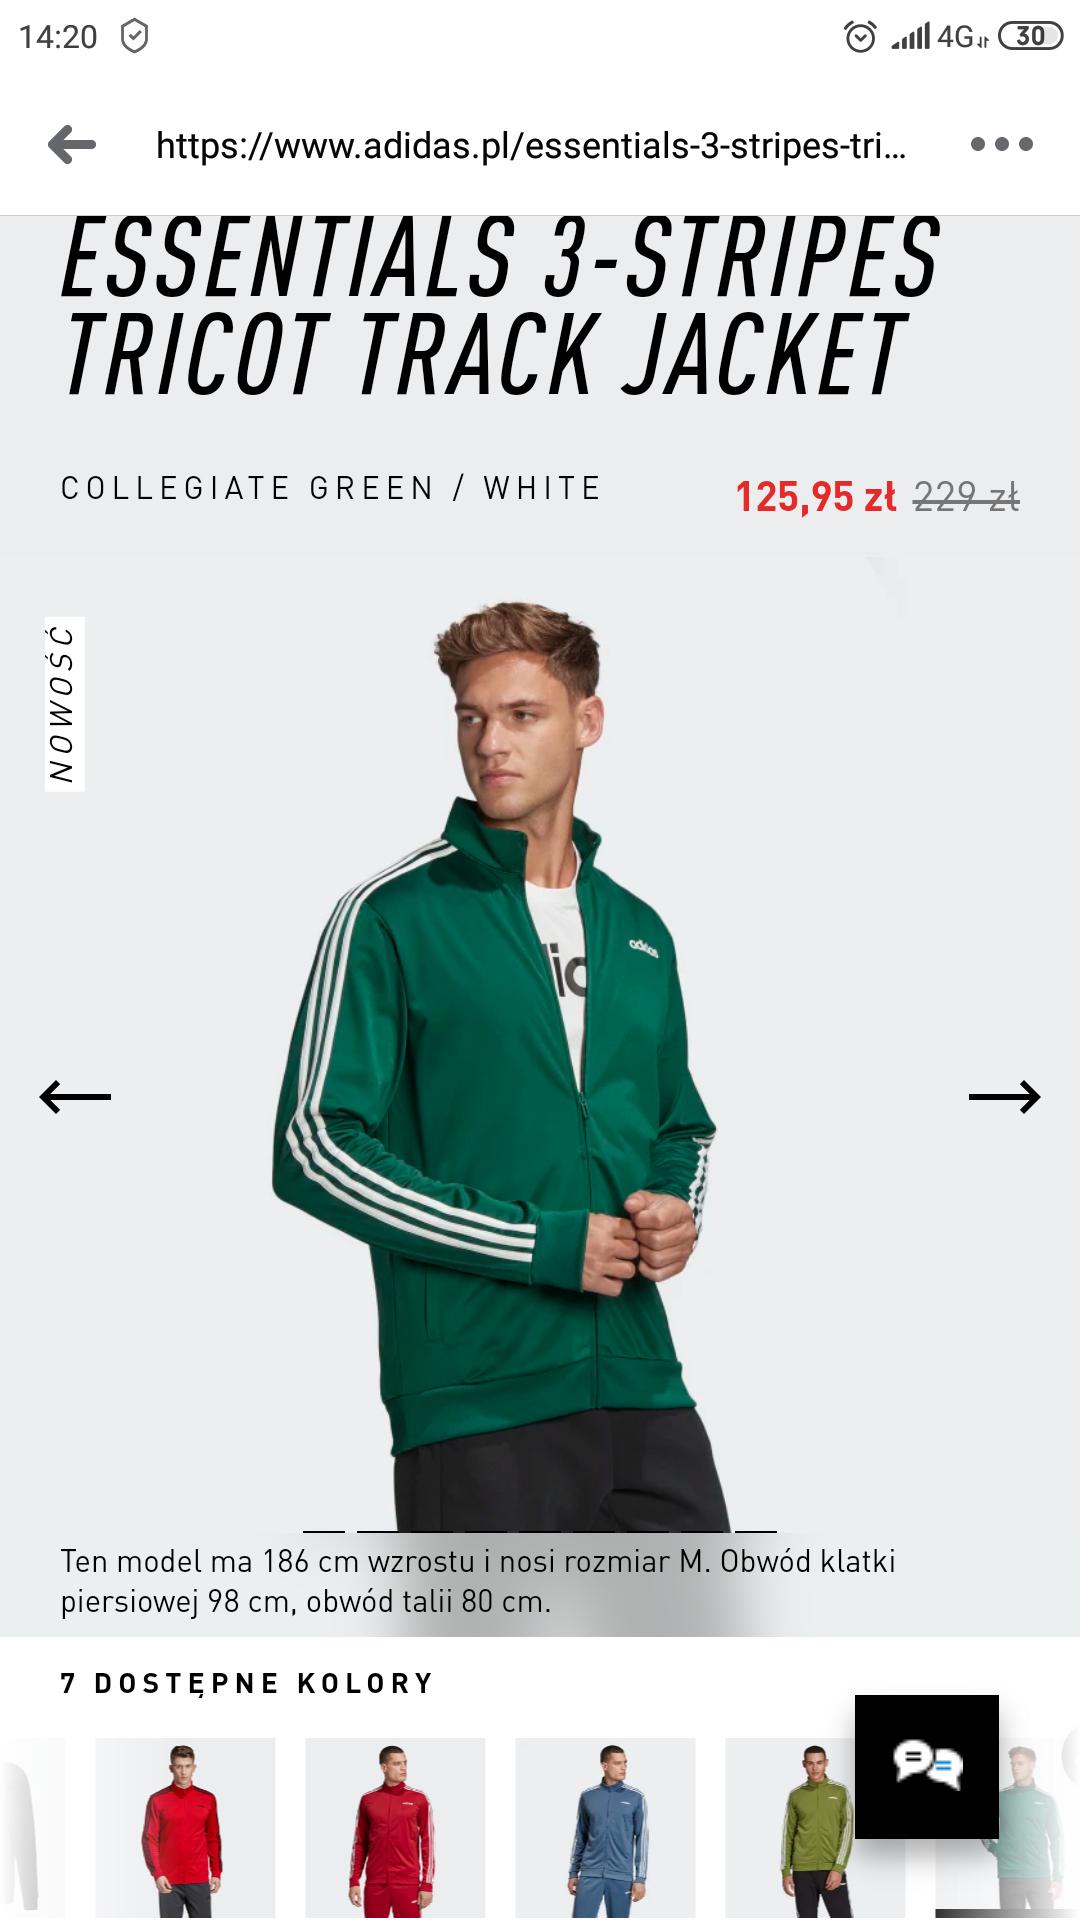 Adidas ESSENTIALS 3-STRIPES TRICOT TRACK JACKET ZOSTAŁO TYLKO S i L